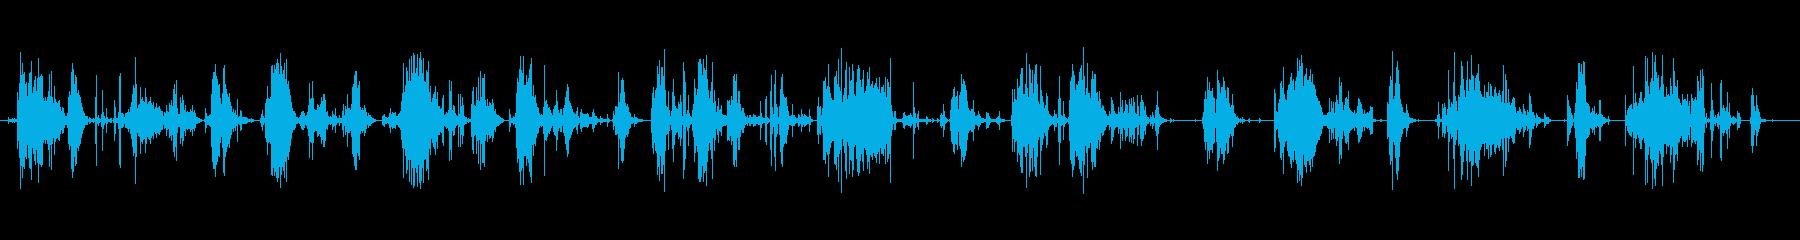 シャベルシャベル雪とスラッシュの再生済みの波形